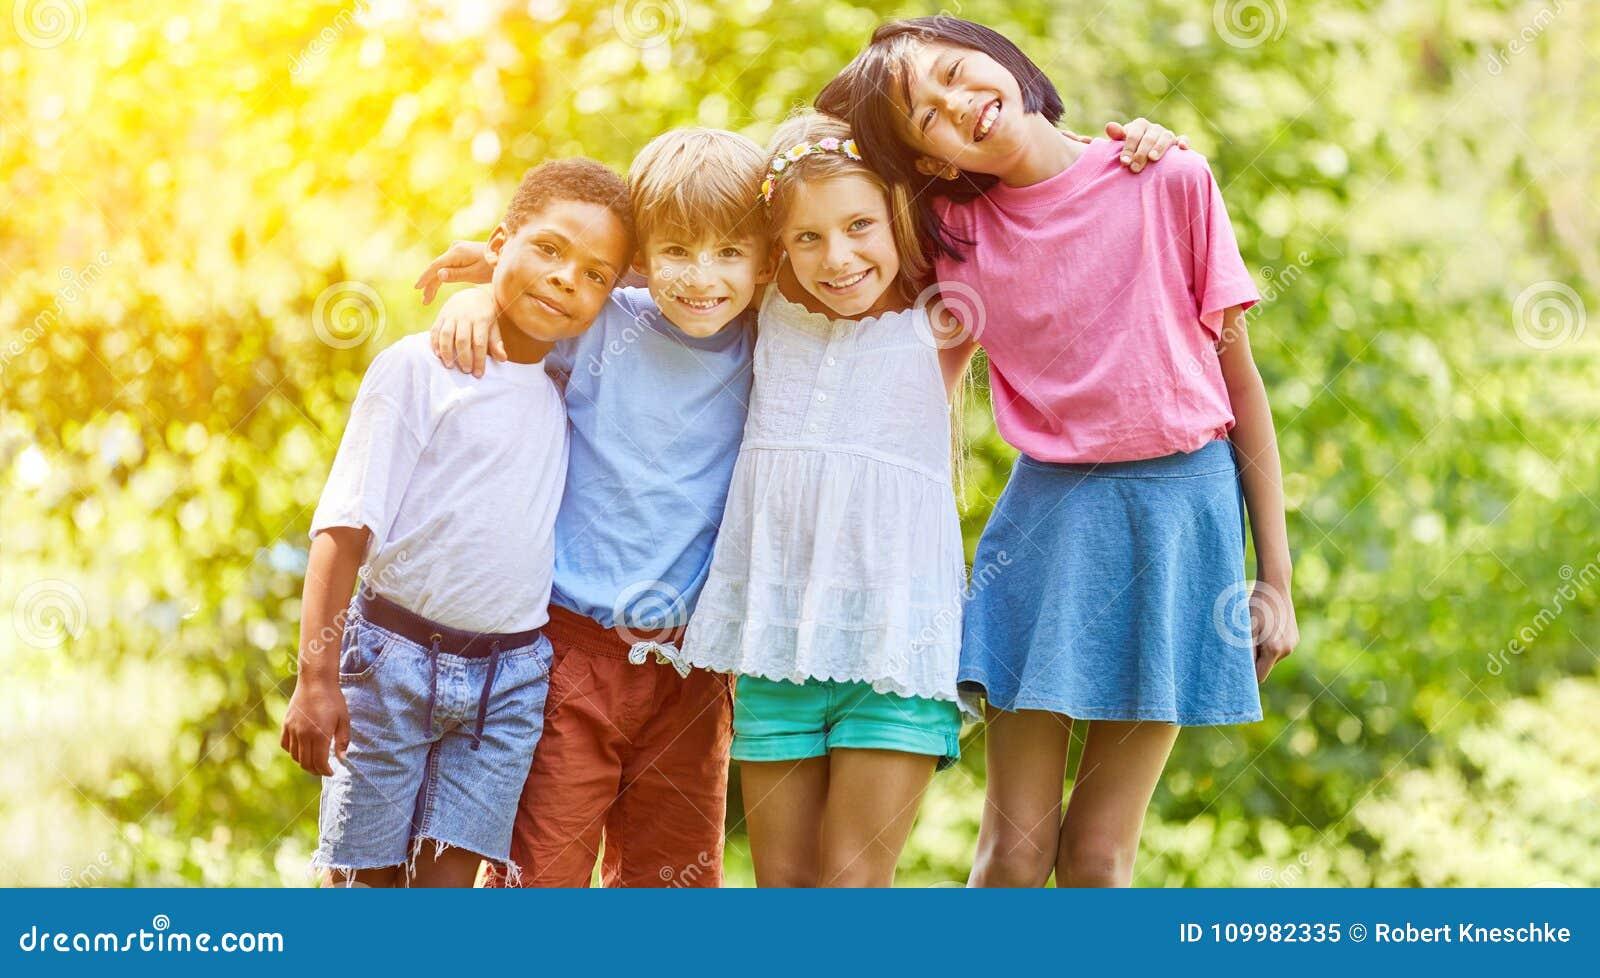 El grupo multicultural de niños se abraza en verano